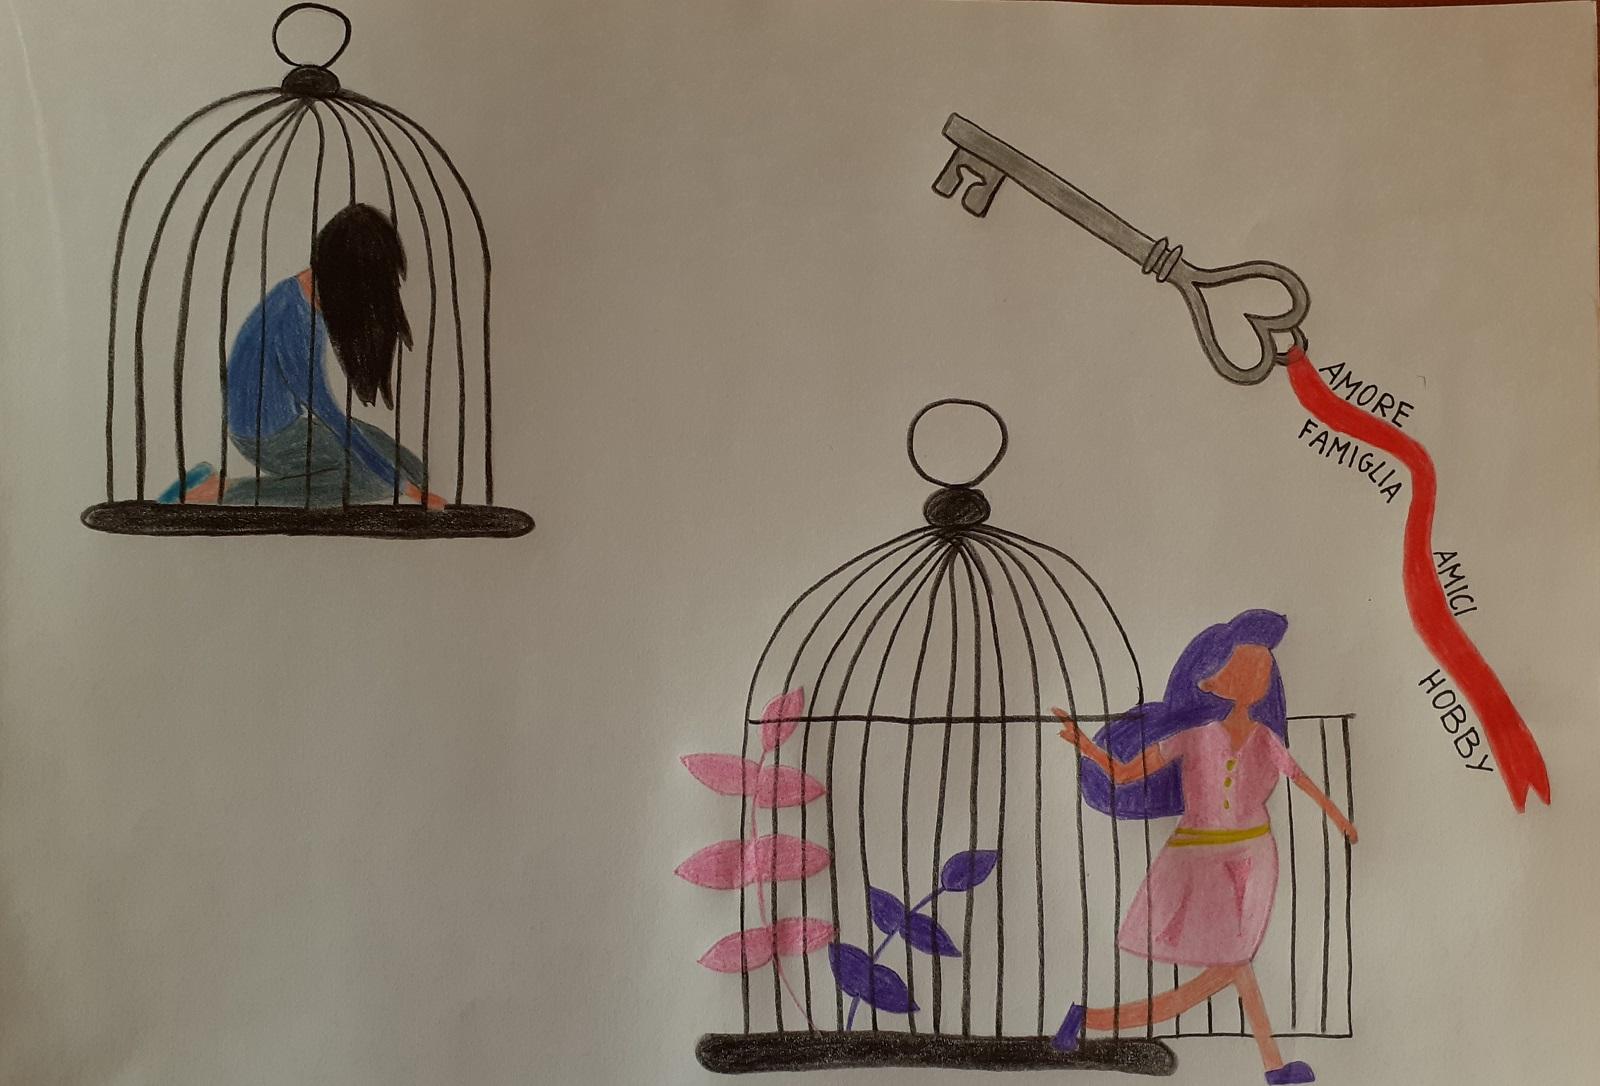 L'immagine mostra il disegno di Daria Rekhtet riguardante la violenza sulle donne